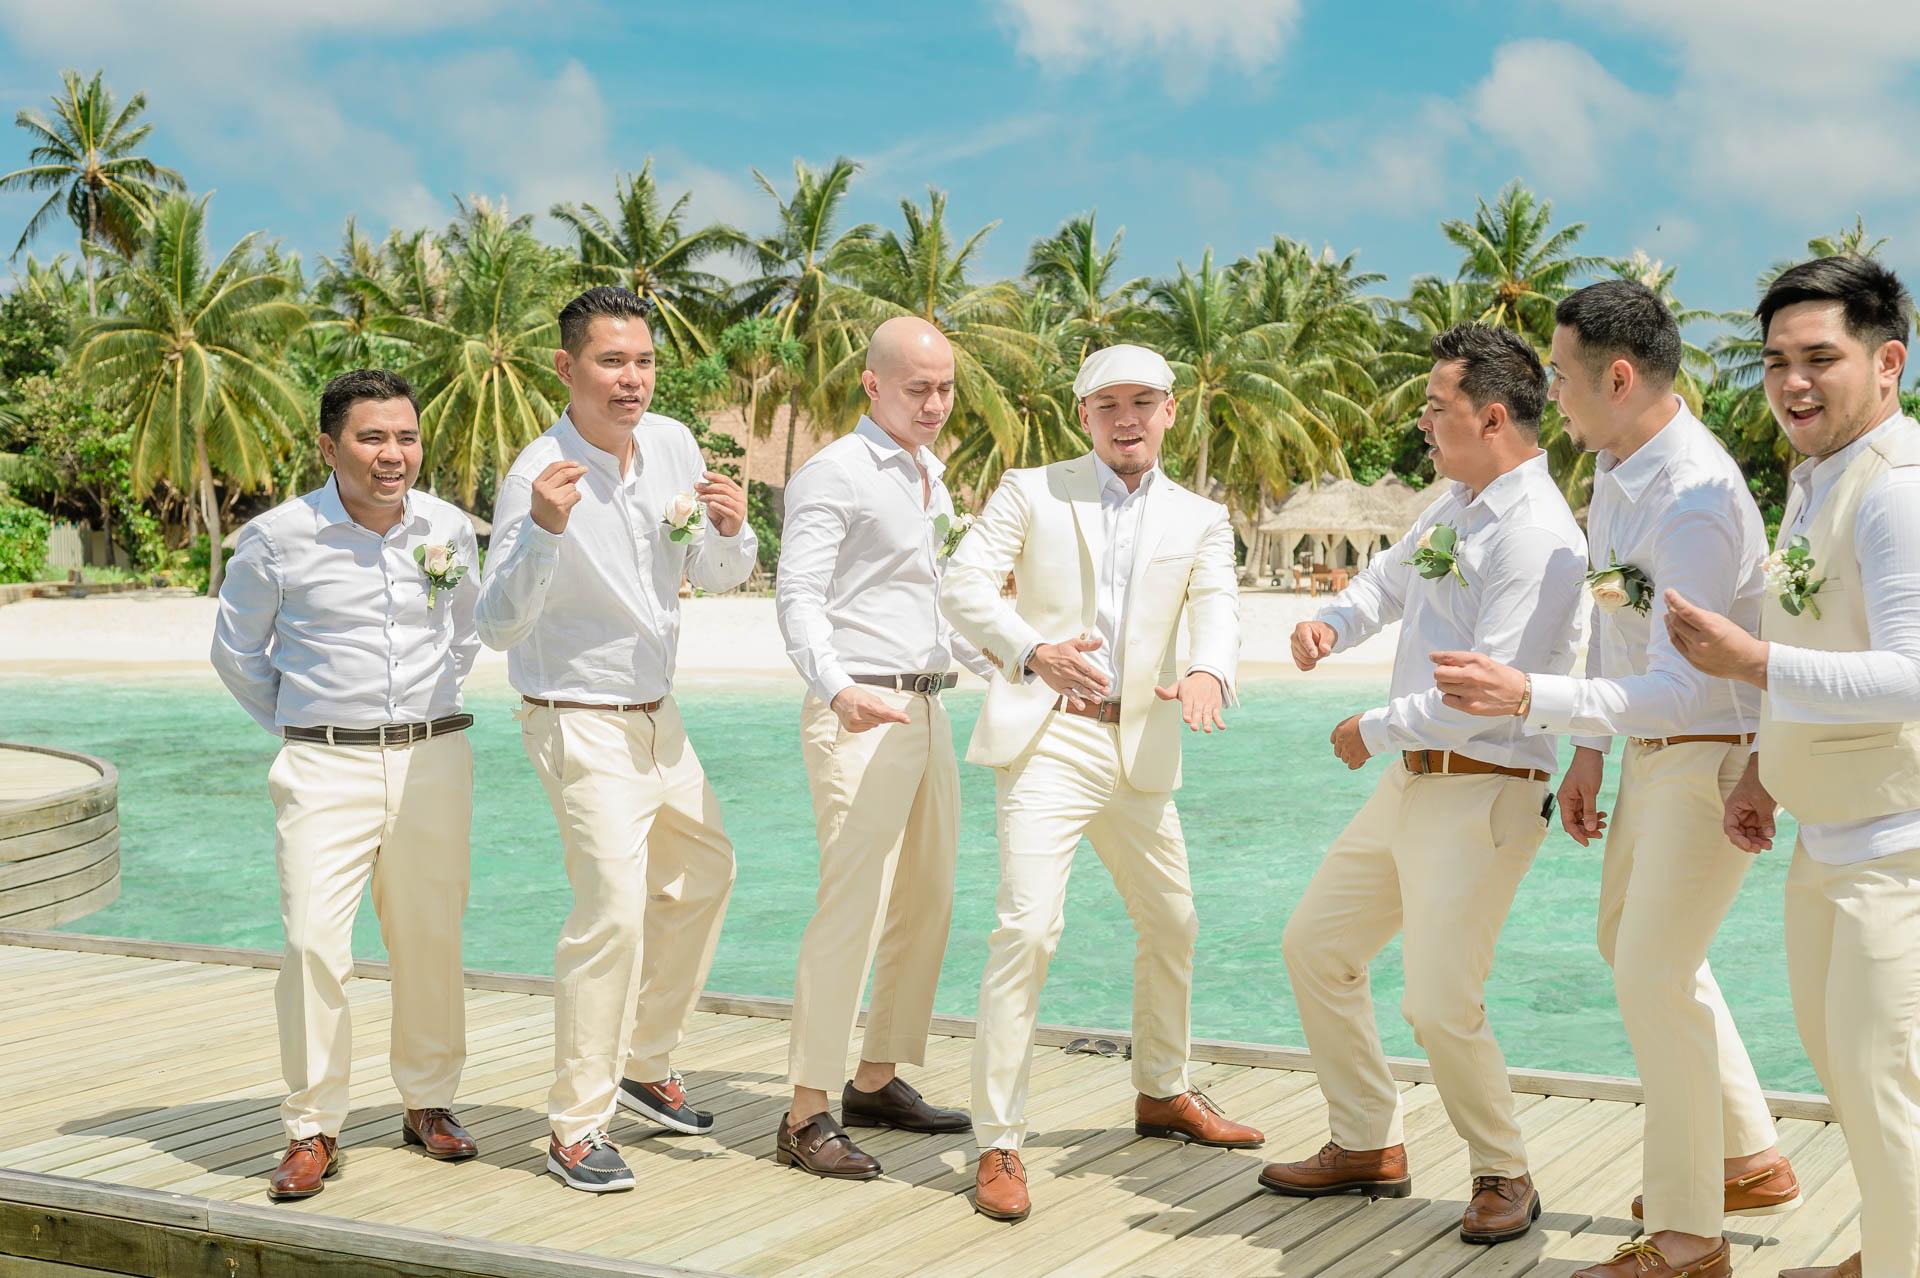 Nuah Angel Maldives Wedding at Reethi Faru Resort by Asad 78